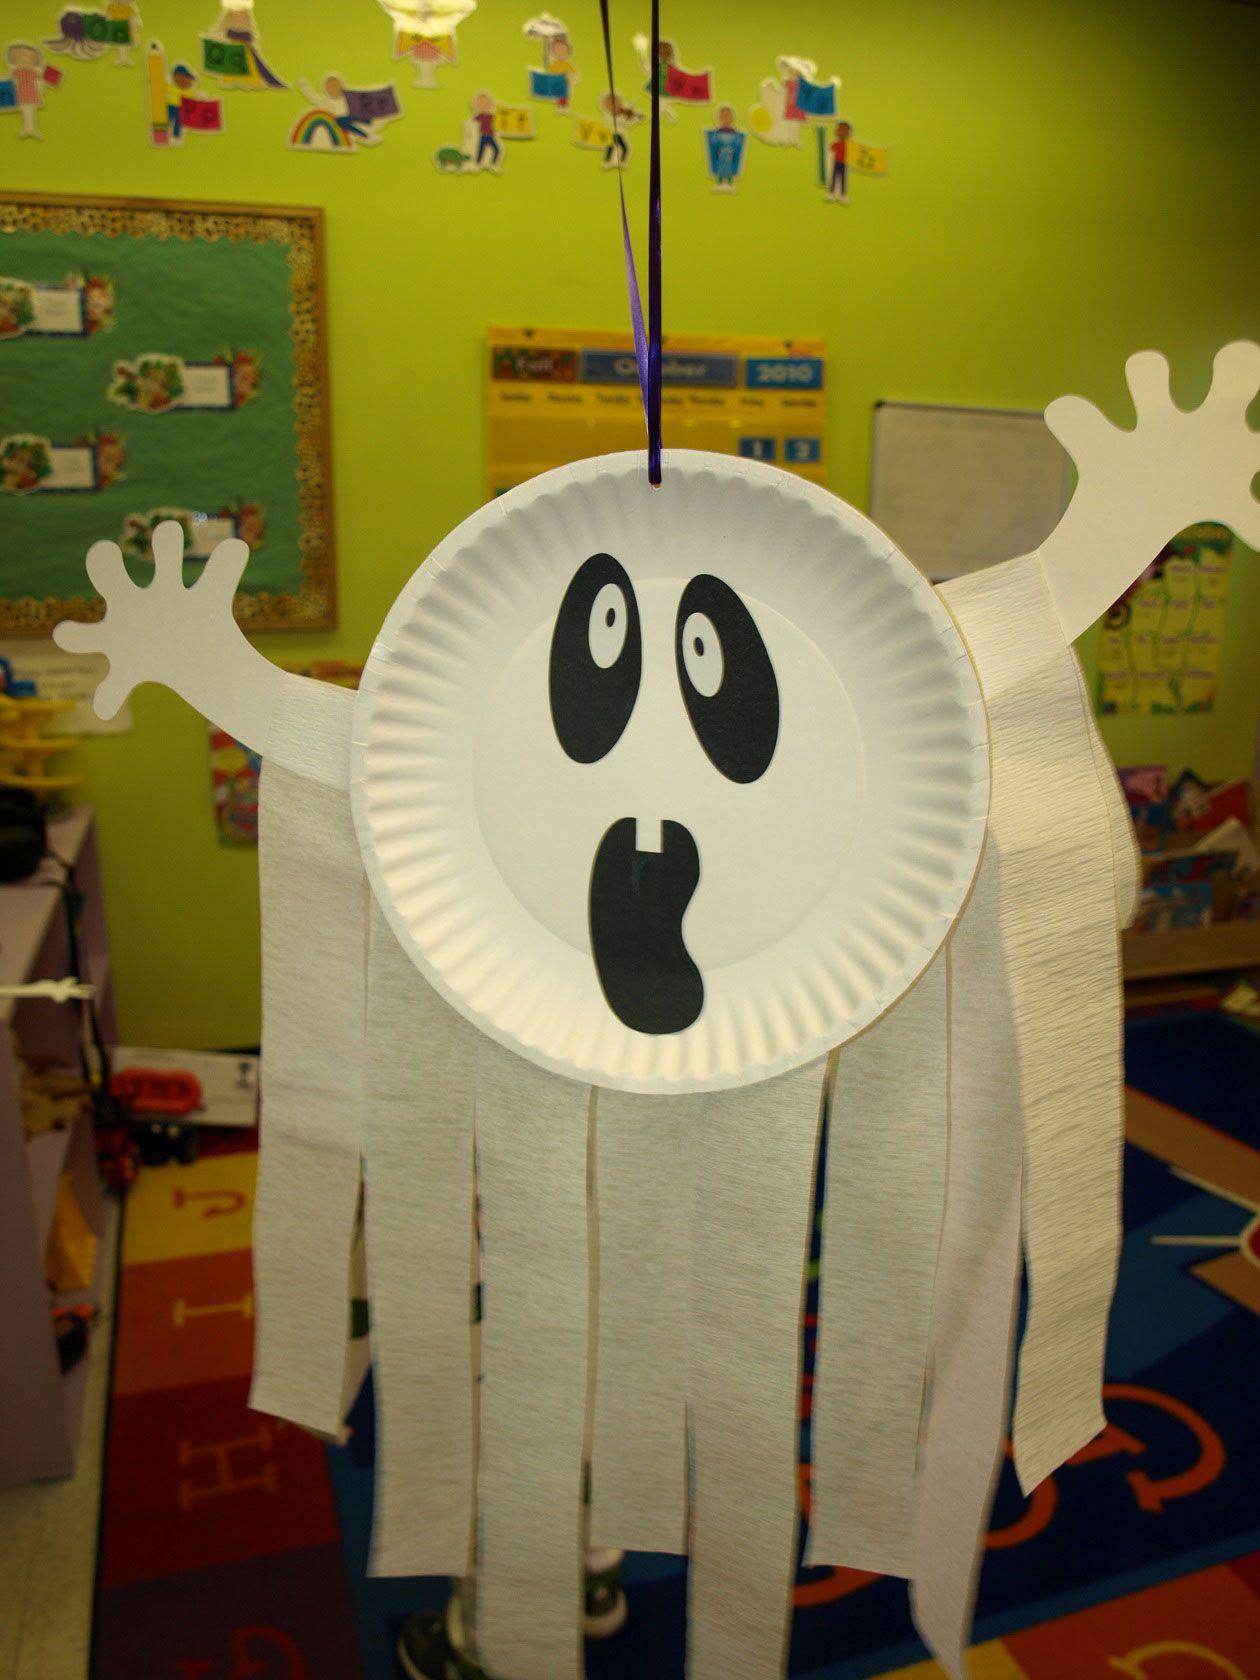 24+ Easy halloween crafts for preschoolers ideas in 2021